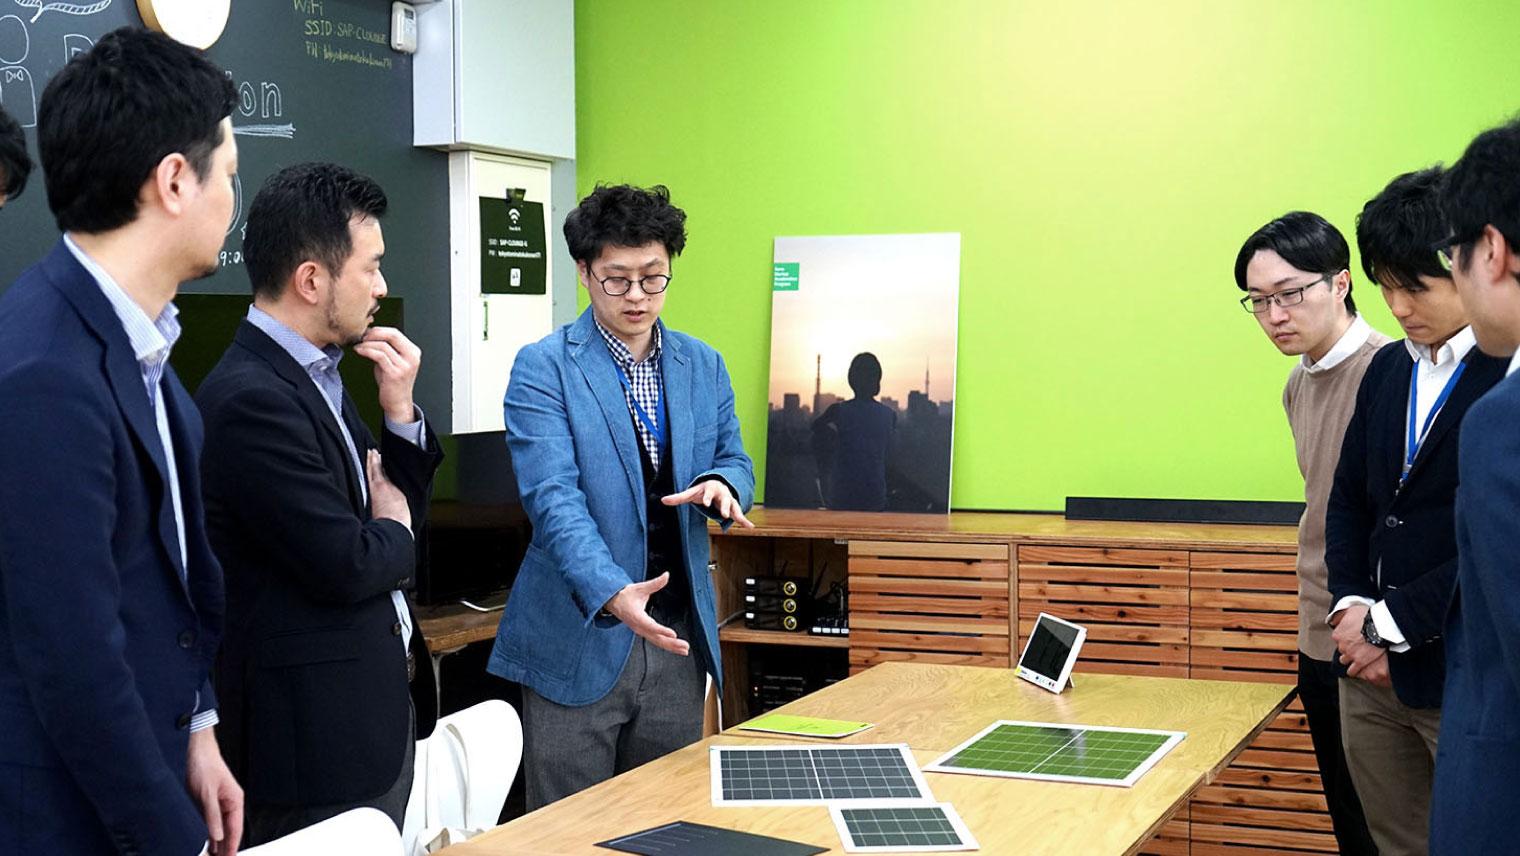 京セラのプロジェクトメンバーとSSAPによるディスカッションの様子(2020年2月撮影)